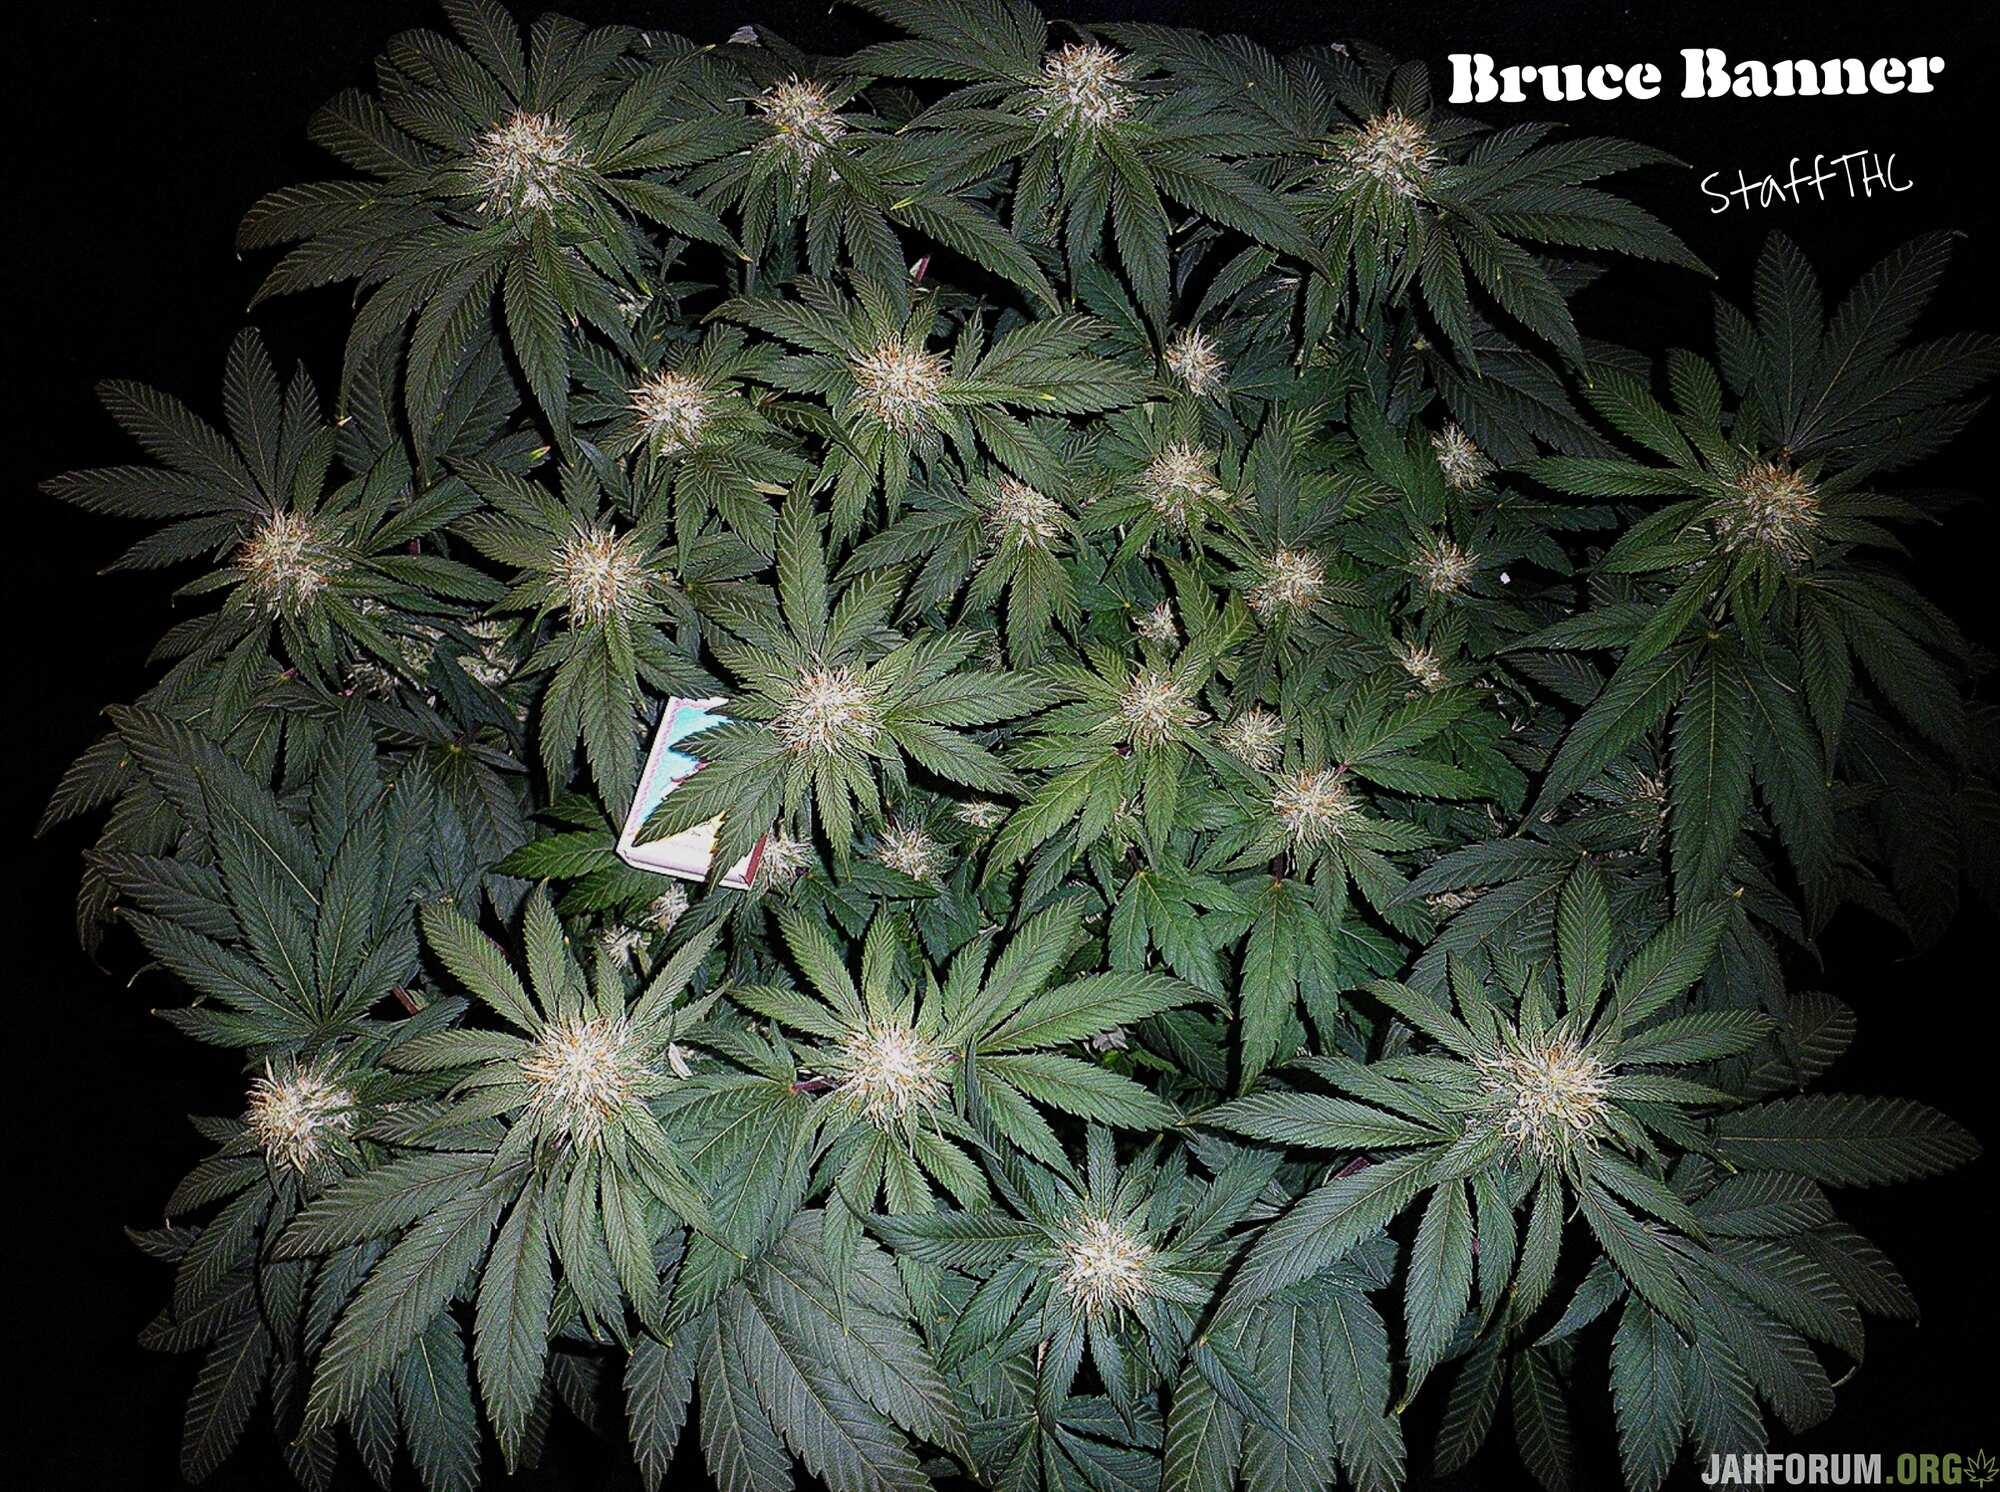 Bruce Banner f.f. от Бро StaffТГК